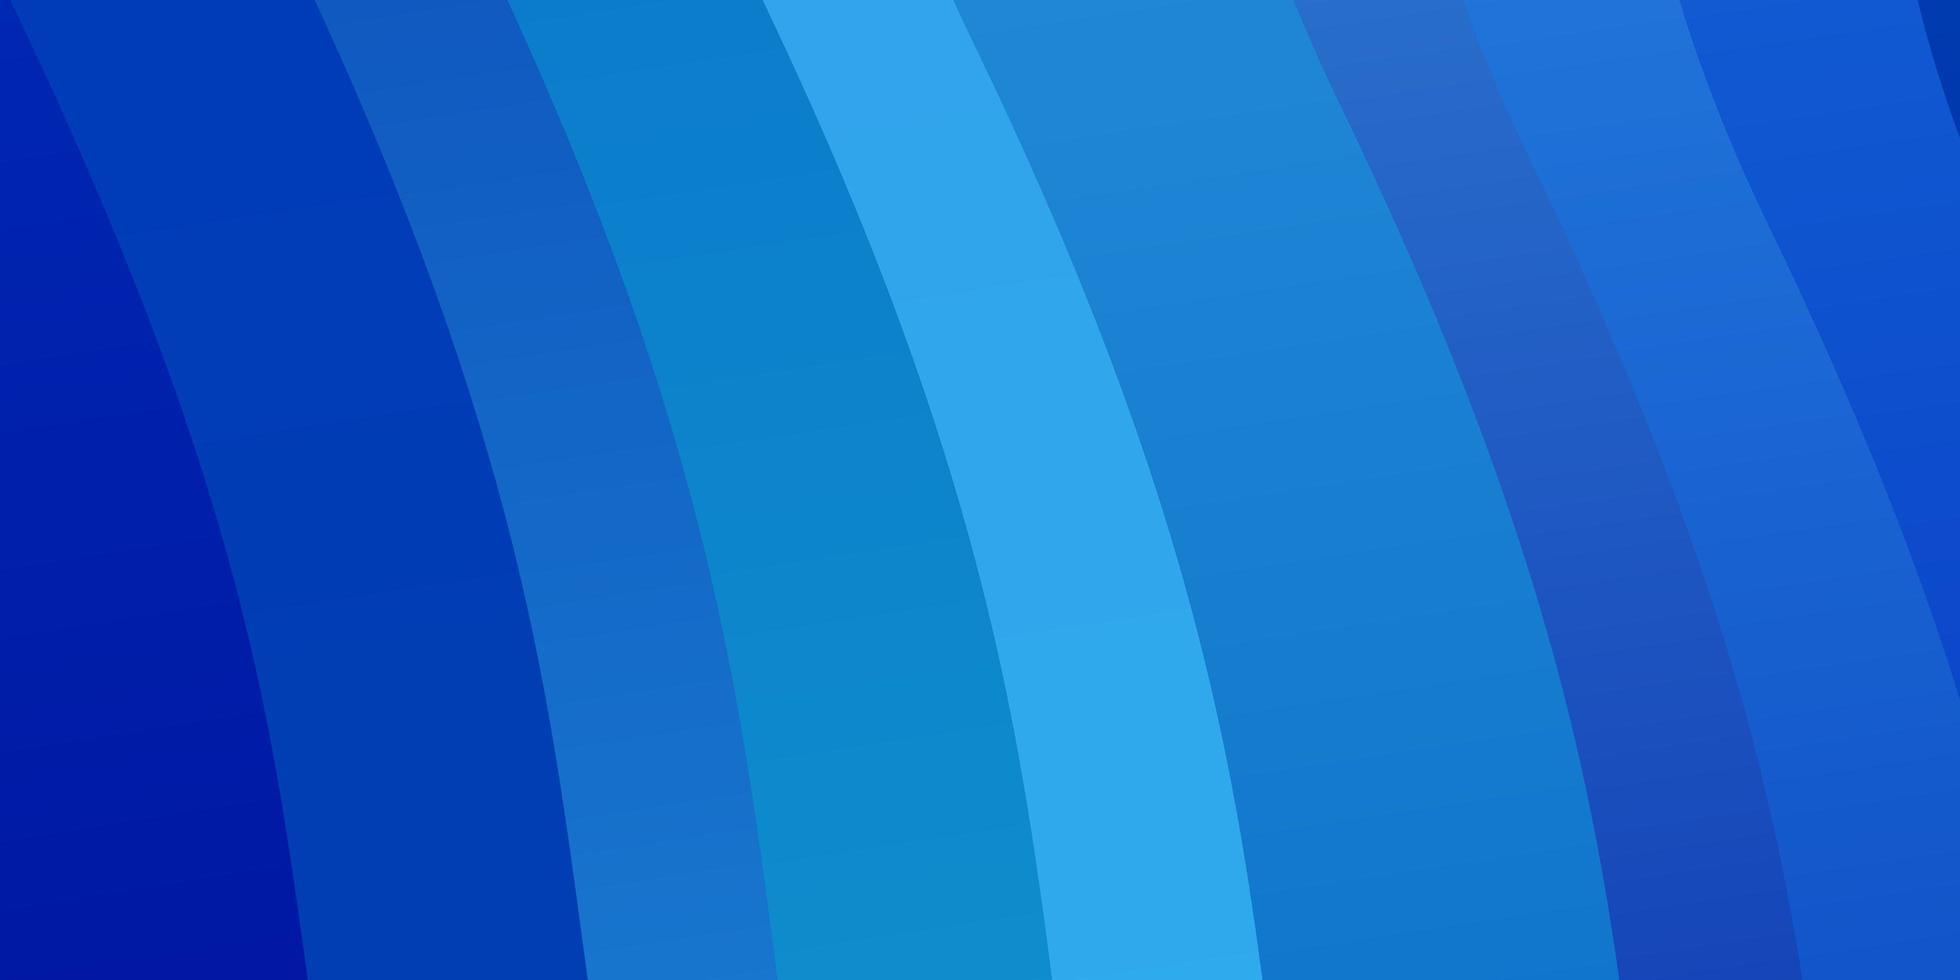 hellblaue Vektorschablone mit schiefen Linien. vektor